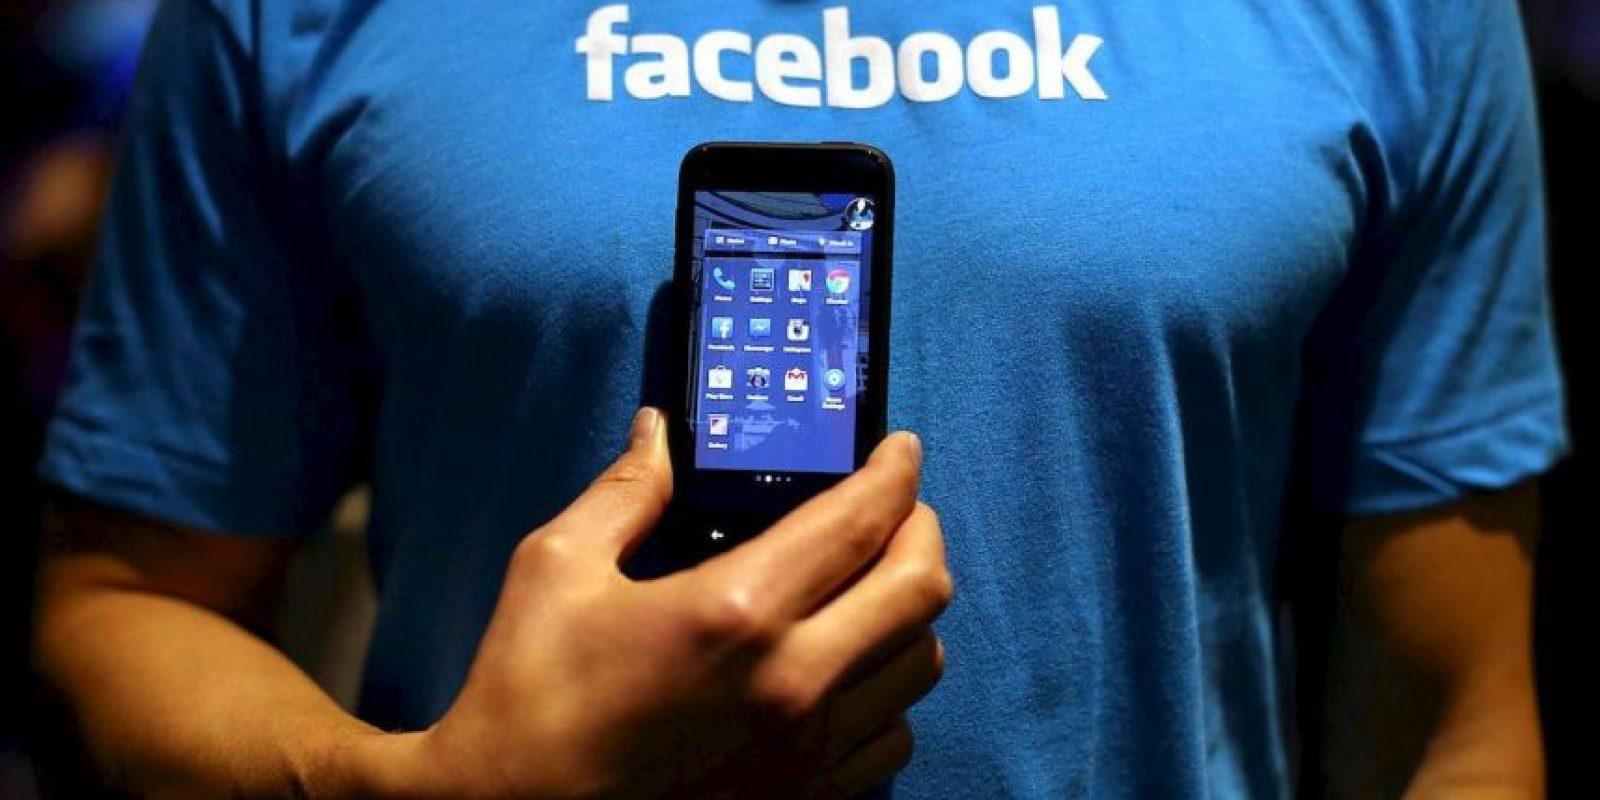 Recientemente un estudio de eMarketer concluyó que Brasil, México y Colombia son los países latinoamericanos más adictos a Facebook. Foto:Getty Images